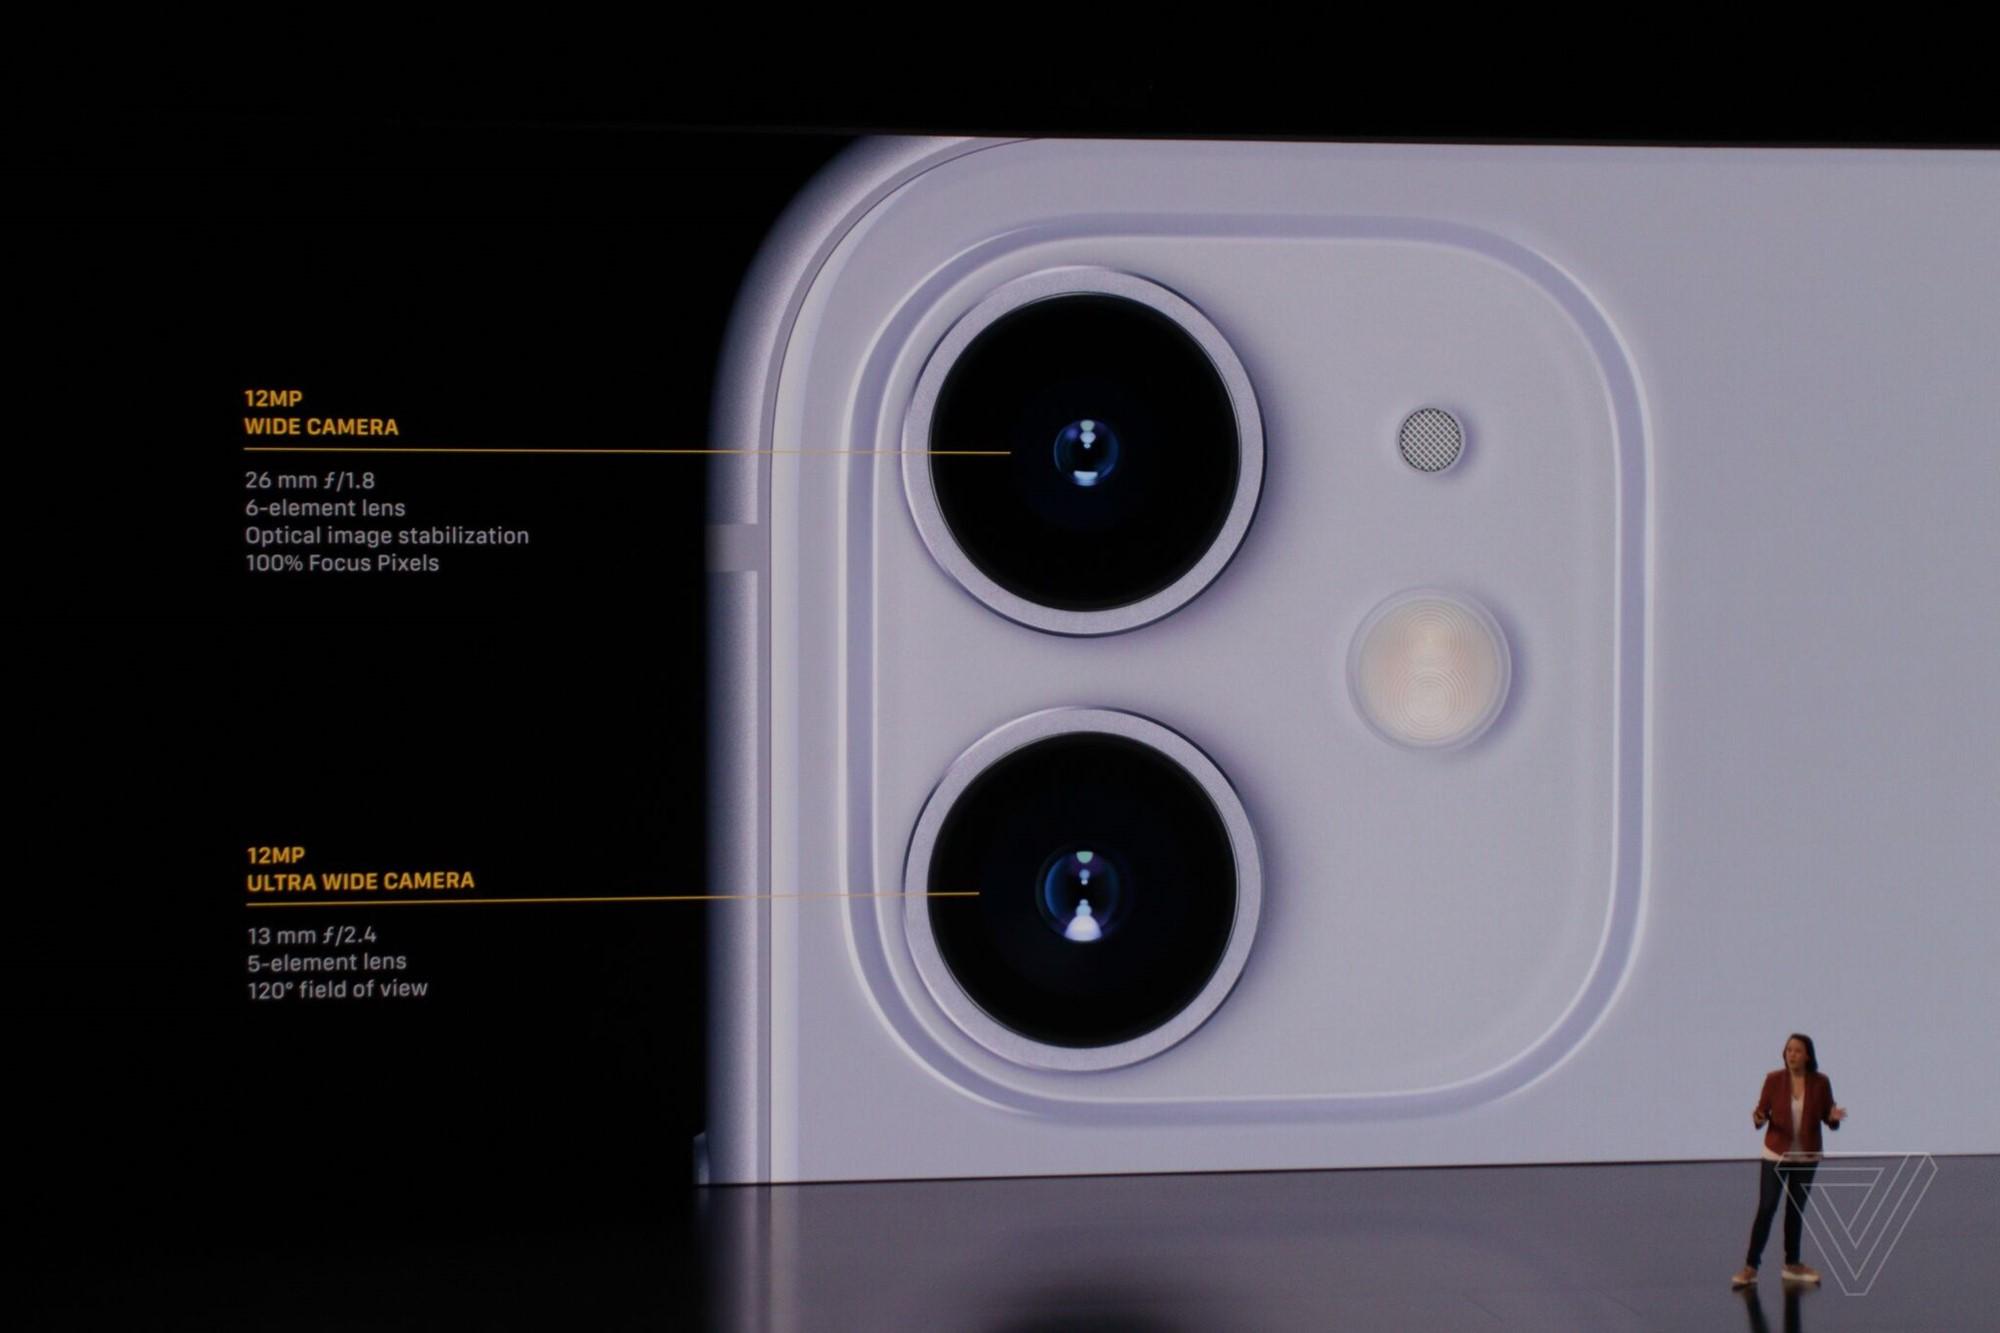 lcimg-a566c673-dff4-41c4-adae-41900495bb81 Sự kiện công bố Apple iPhone 11 mới: Camera góc siêu rộng 120 độ, pin lớn hơn tới 5h so với iPhone XR, giá chỉ từ 699$